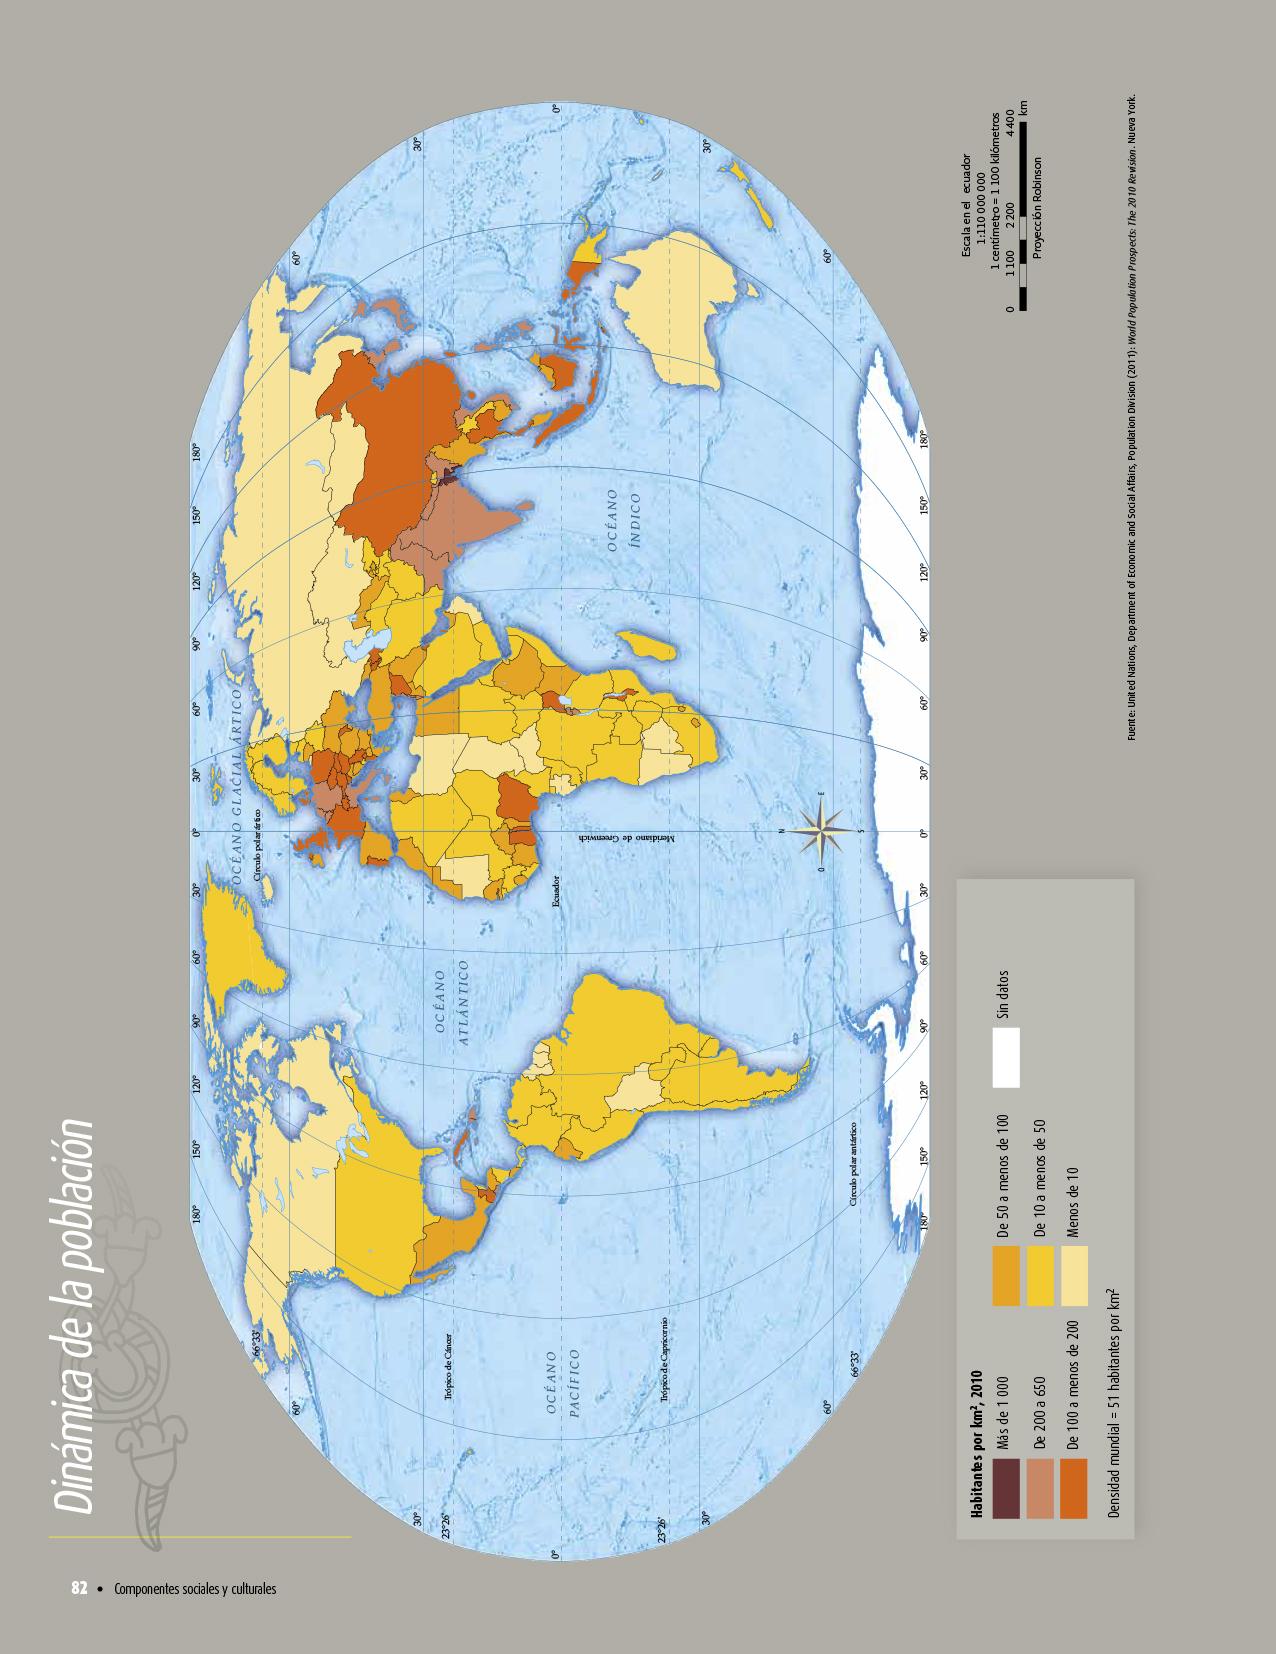 Atlas De Geografia Del Mundo Quinto Grado 2017 2018 Pagina 82 De 122 Libros De Texto Online